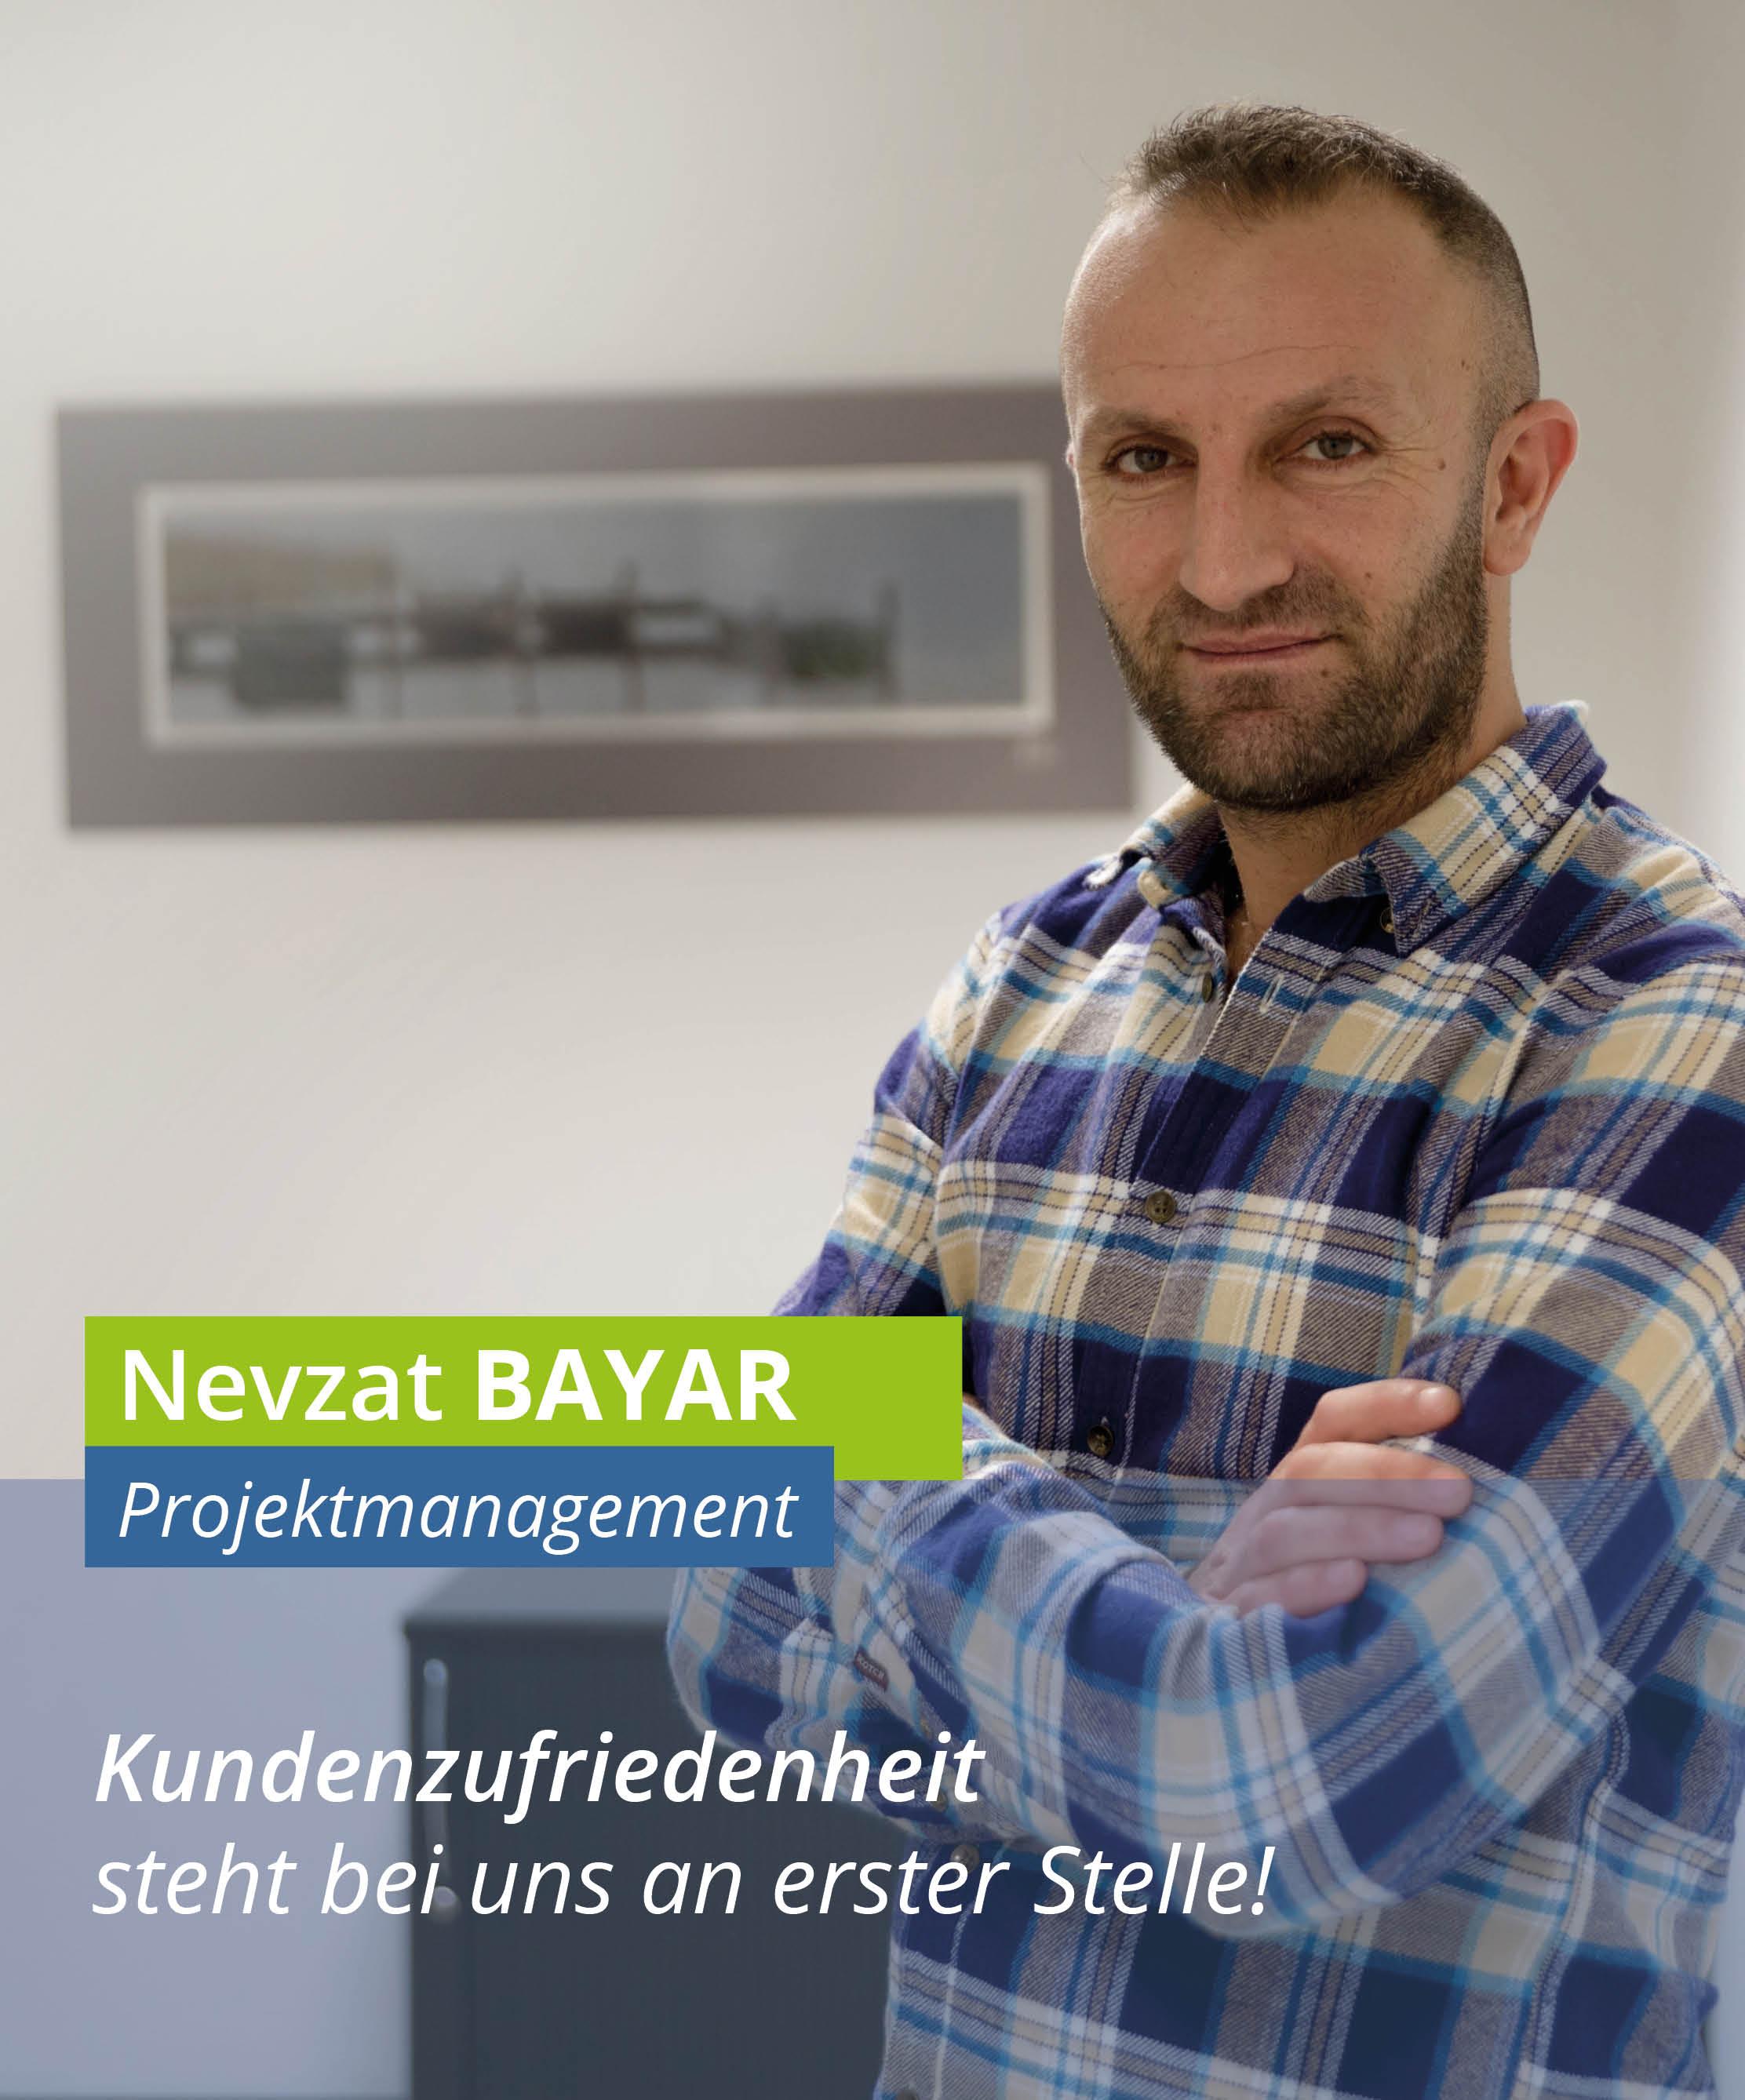 Nevzat Bayar